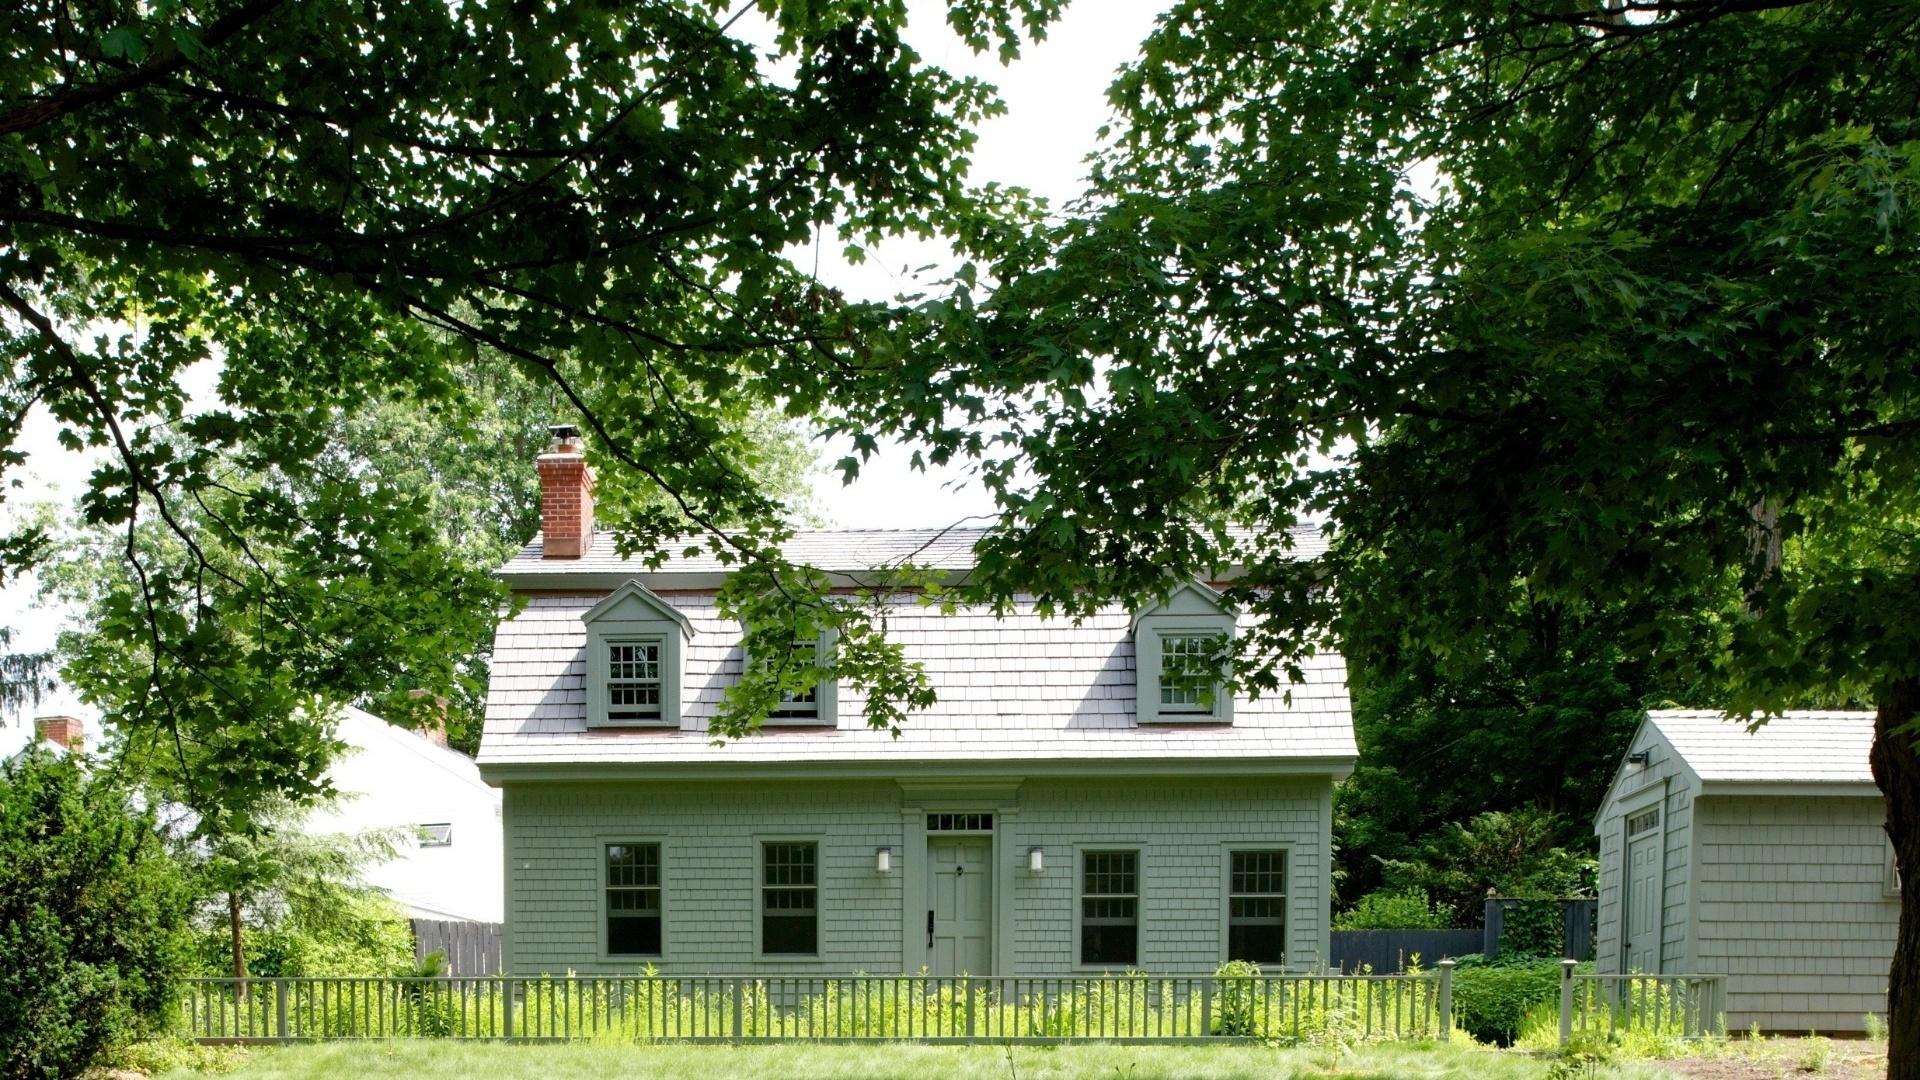 Uma casa na vila de Hudson Valley, nos arredores do NY, encantou a horticultora Sigrid Gray. A construção foi reformada e teve o telhado remodelado.